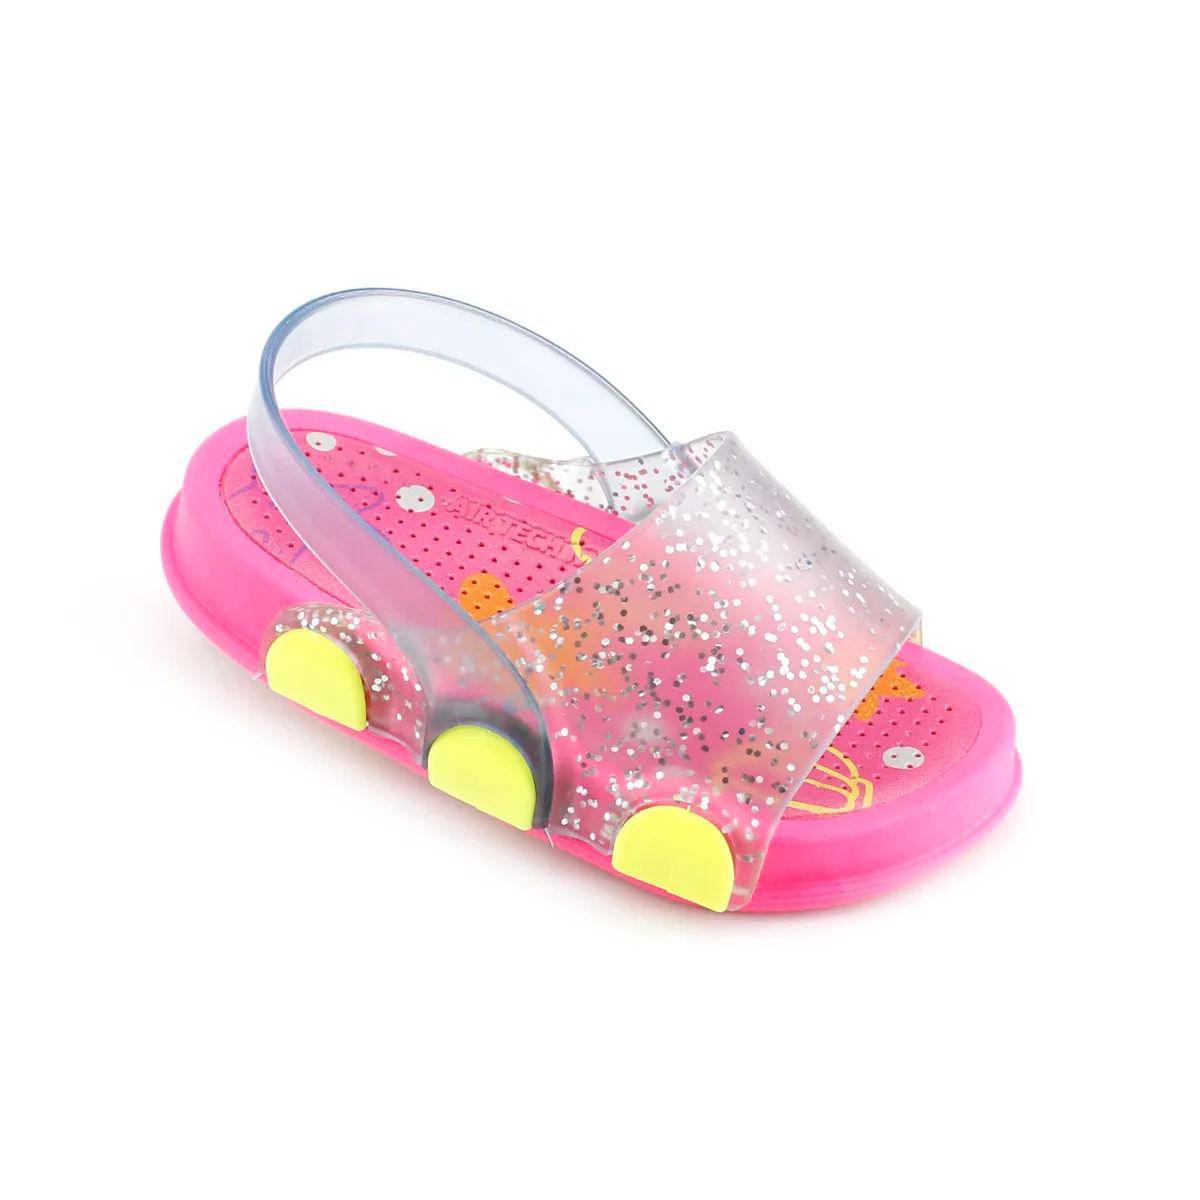 Avarca-Infantil-Sereia-Jelly-com-Glitter--19-ao-26--229.003--VER21-